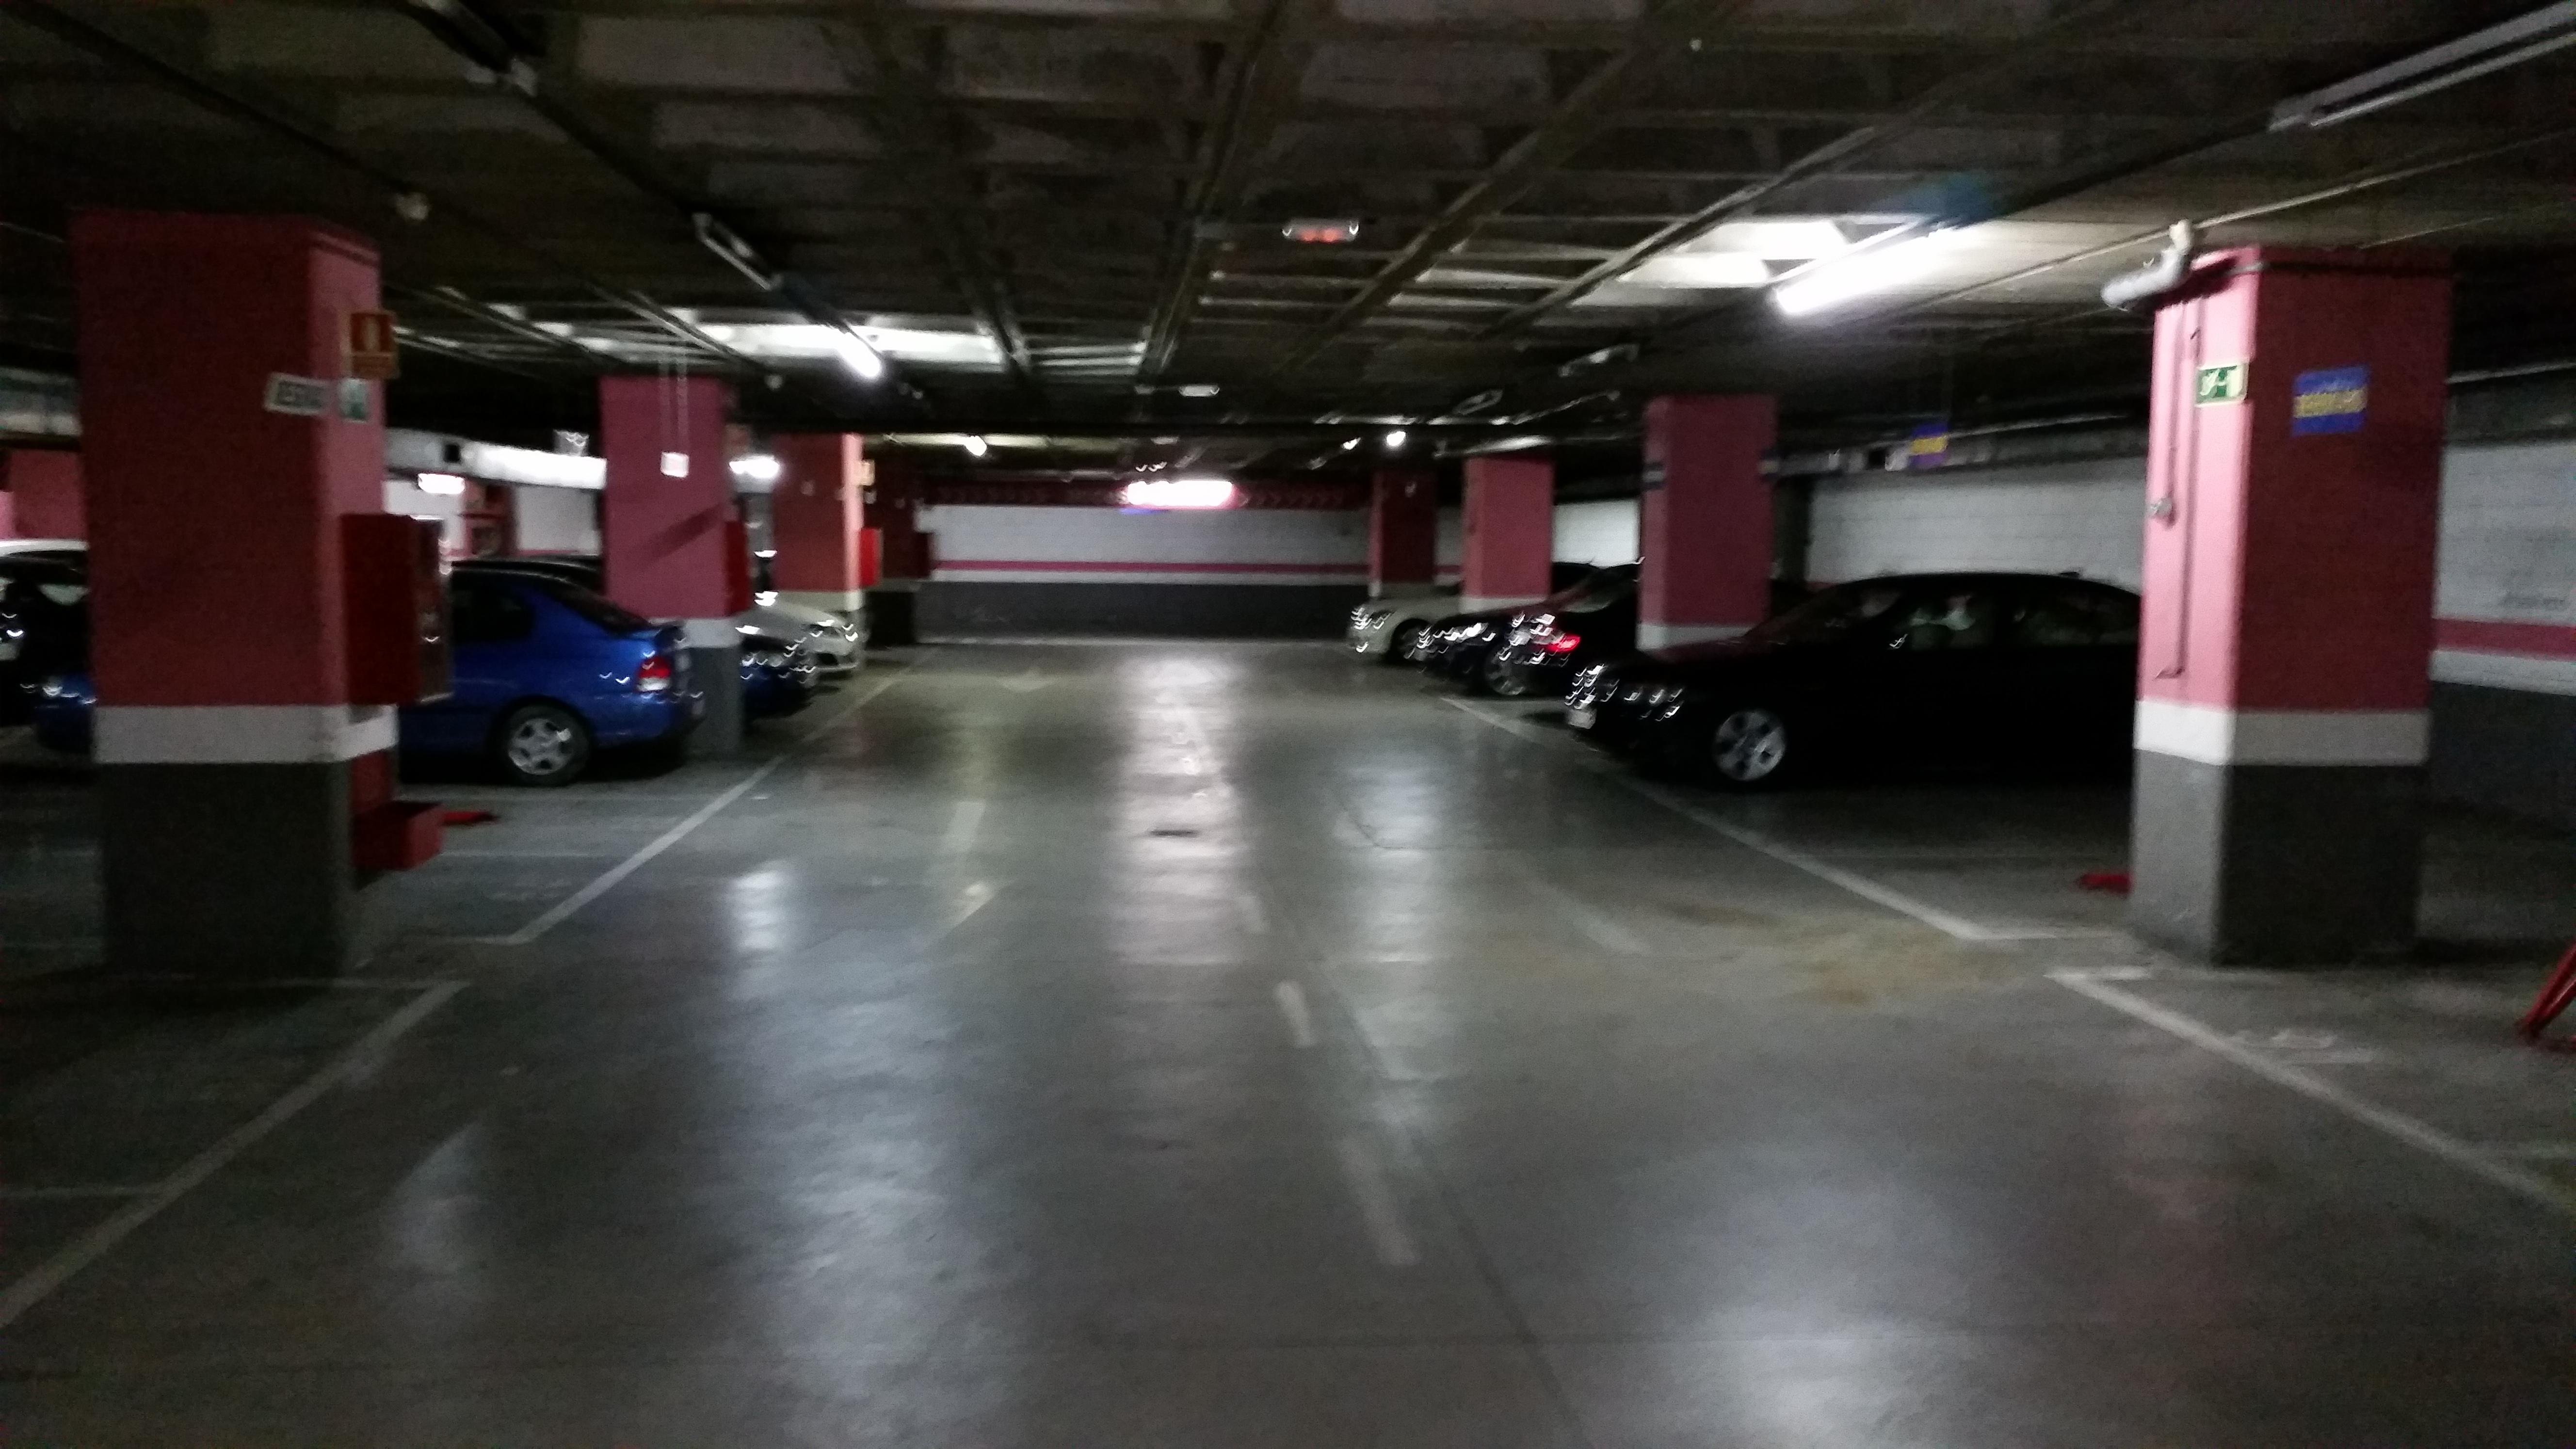 Gastos compra plaza garaje perfect cul es la mejor ciudad accesible para viajar with gastos - Comprar plaza de garaje ...